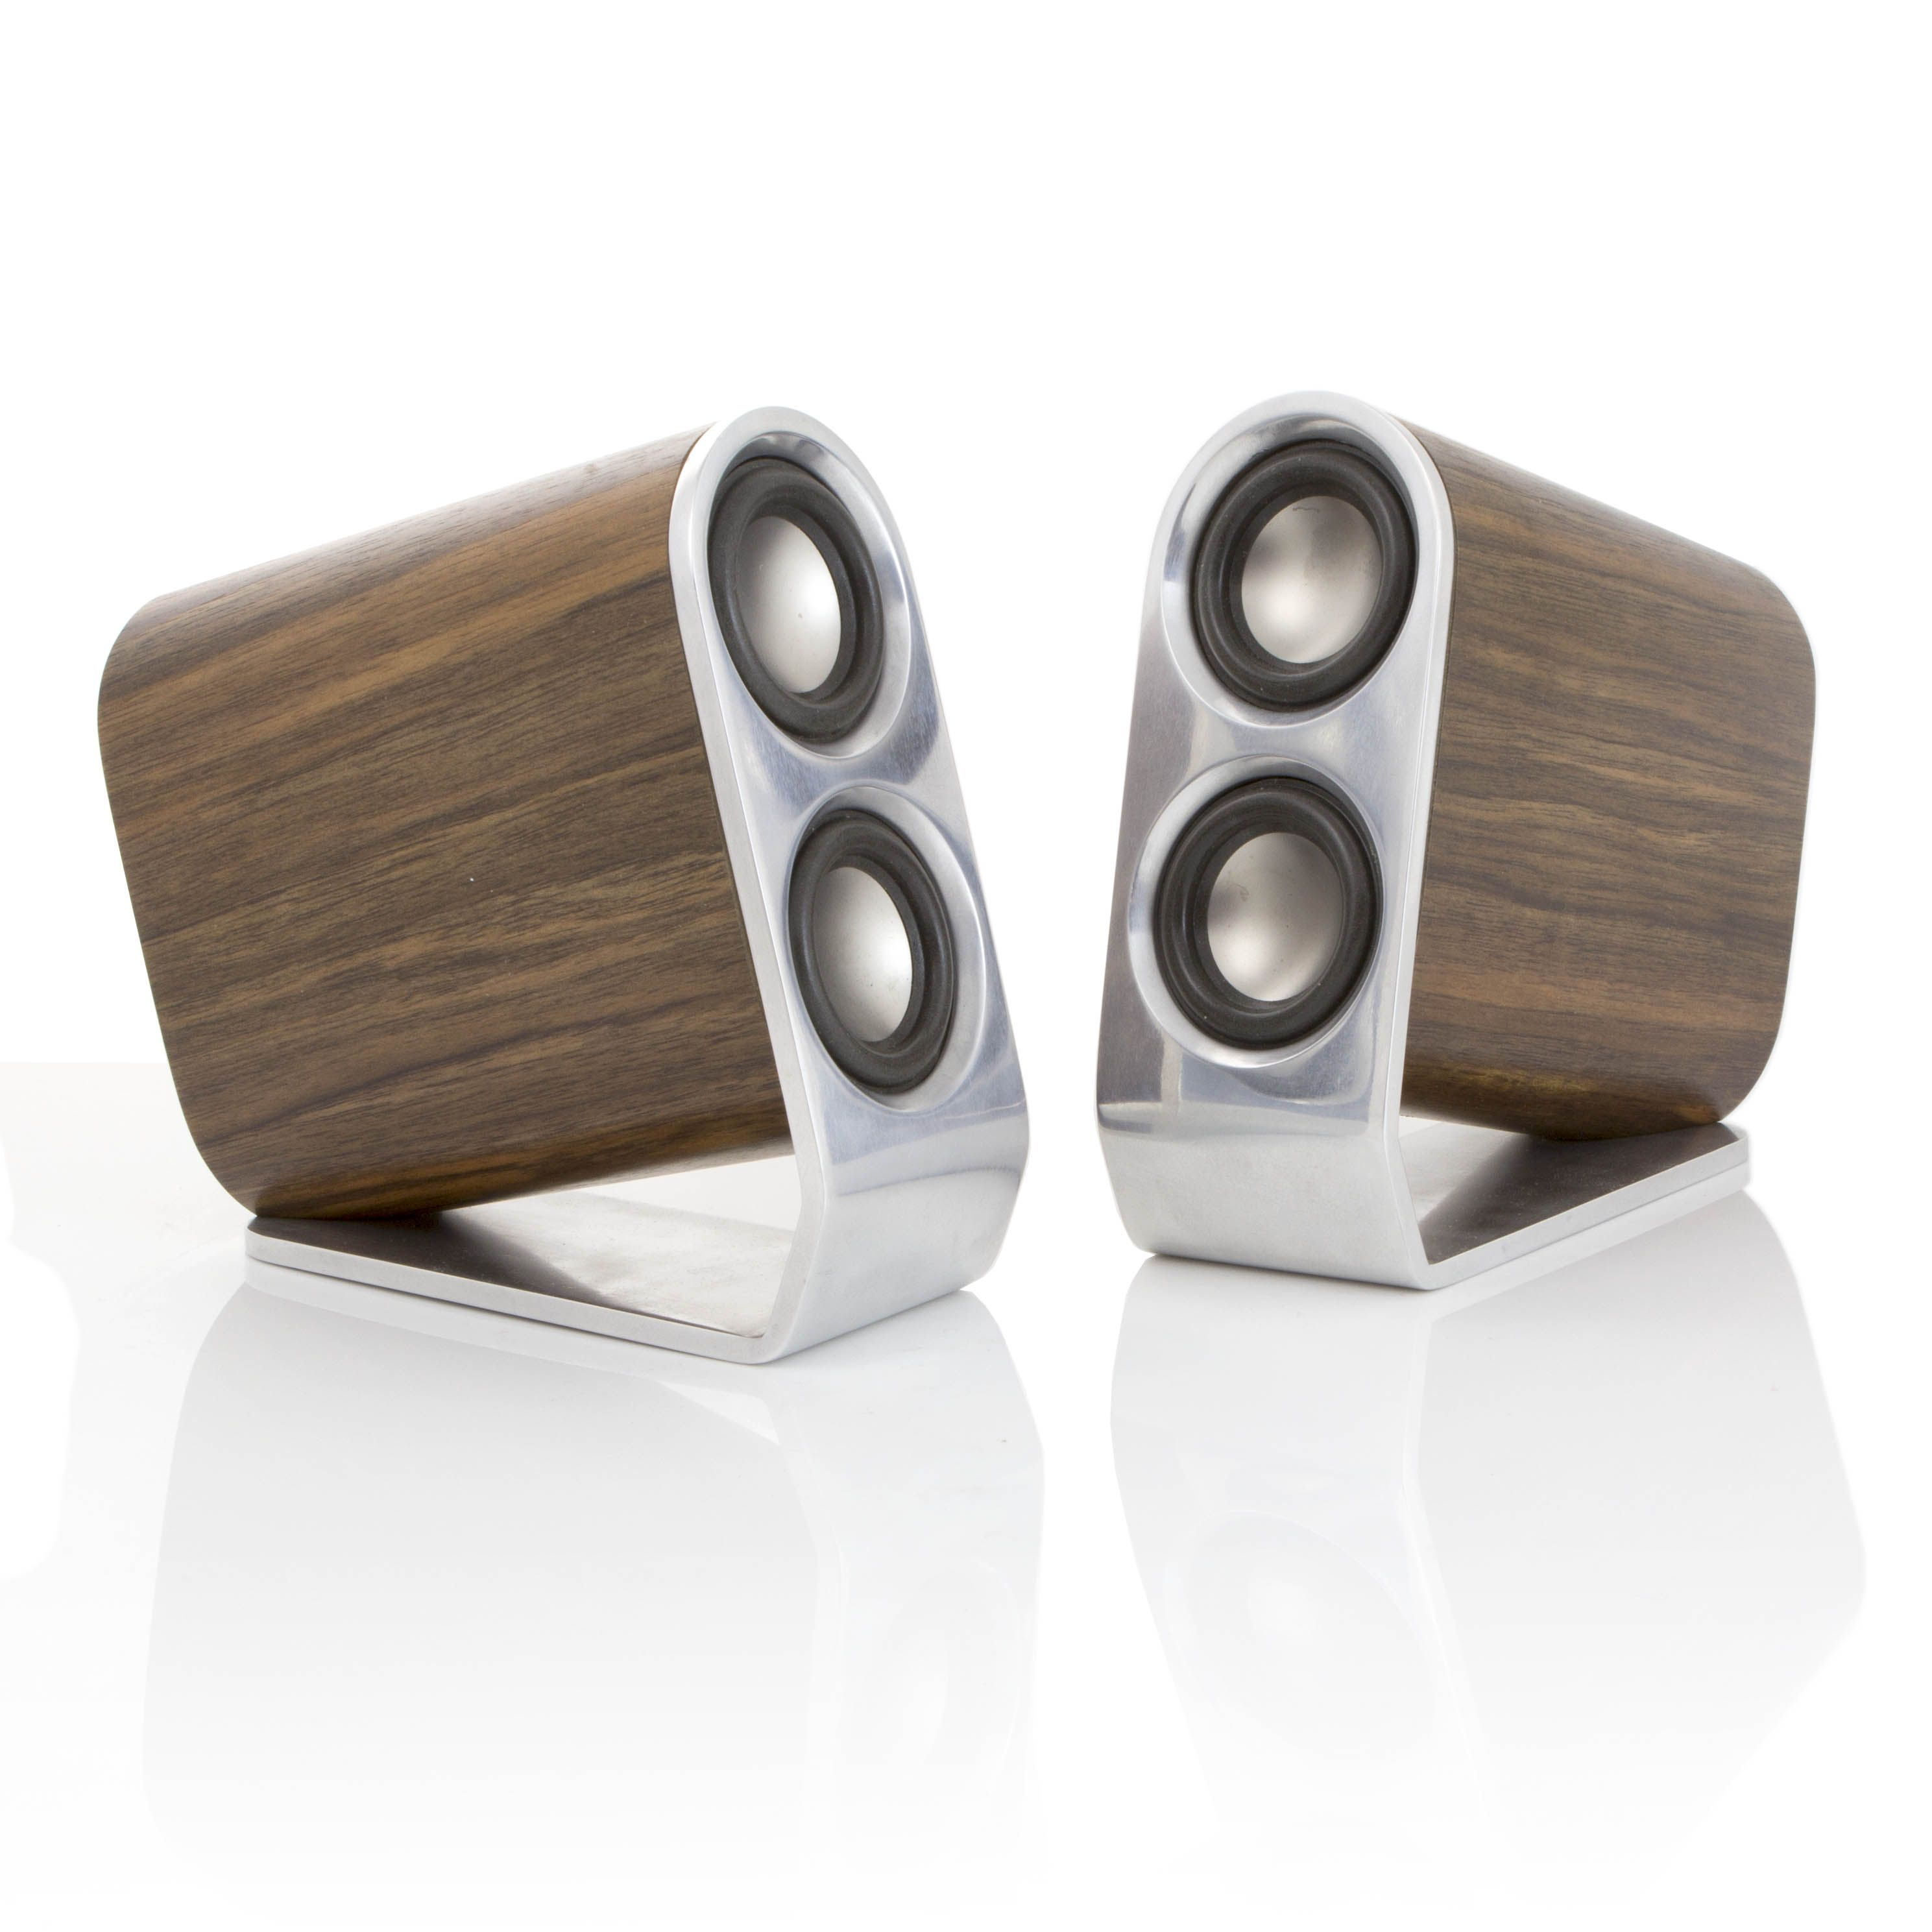 Desktop Satellite Speakers Satellite Speakers Speaker Design Desktop Speakers